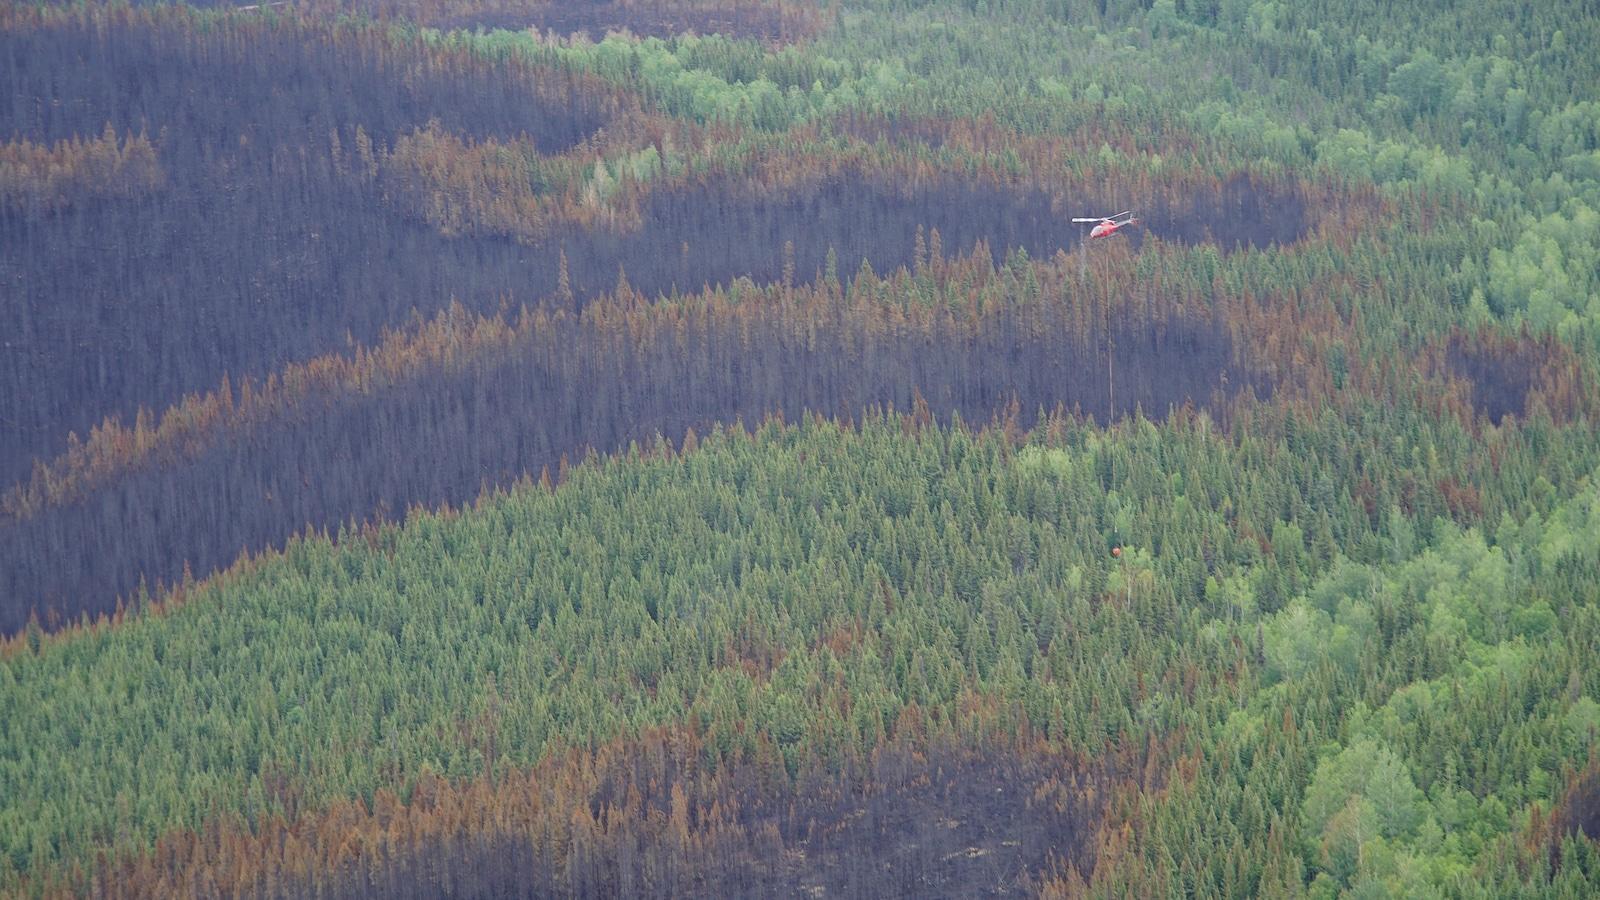 Une vue aérienne montre une forêt à demi brûlée par un incendie qui n'est toujours pas maîtrisé à Labrieville. On aperçoit un hélicoptère des pompiers forestiers qui travaillent dans ce secteur.